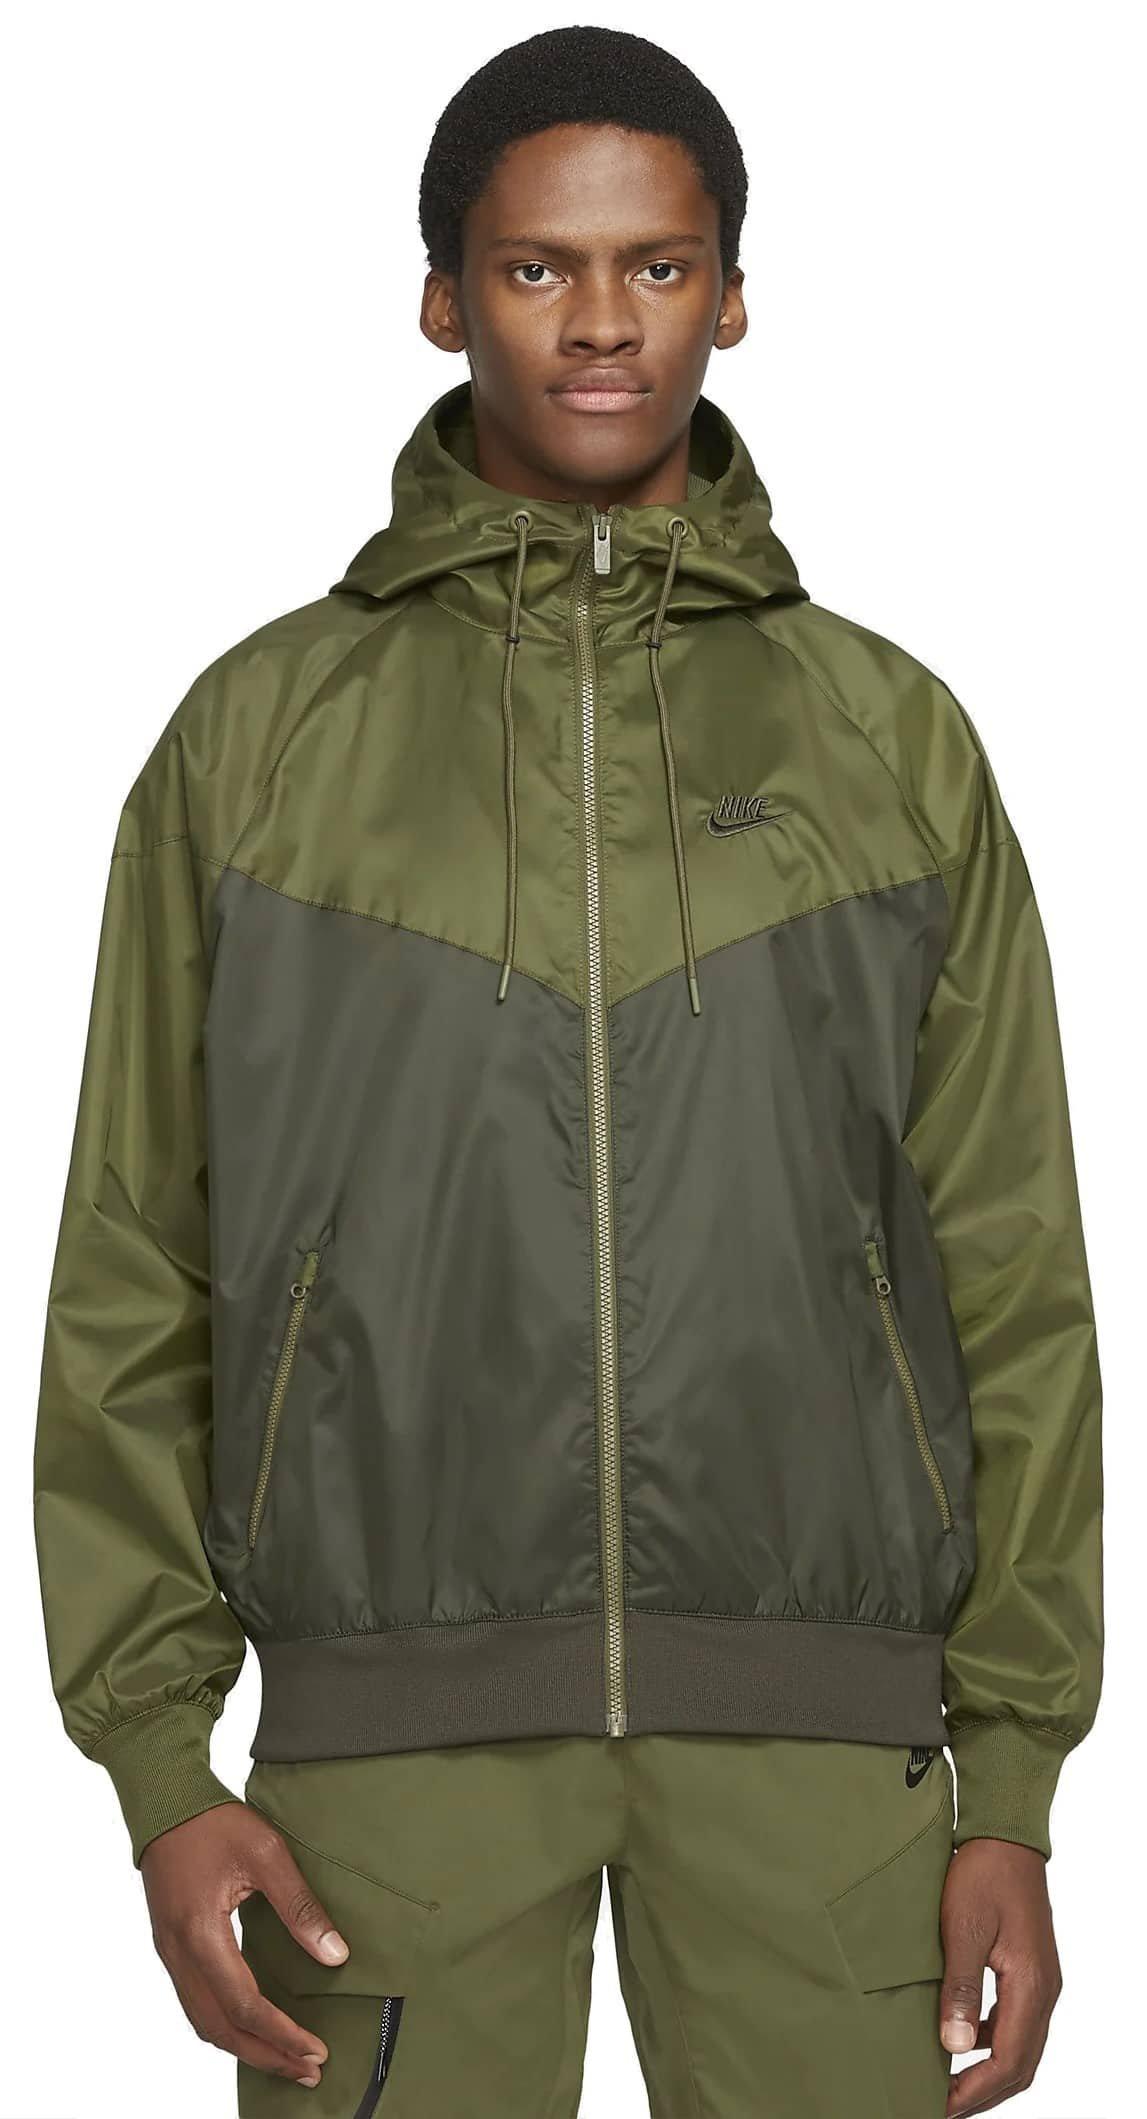 Nike Windrunner Hooded Jacket M S